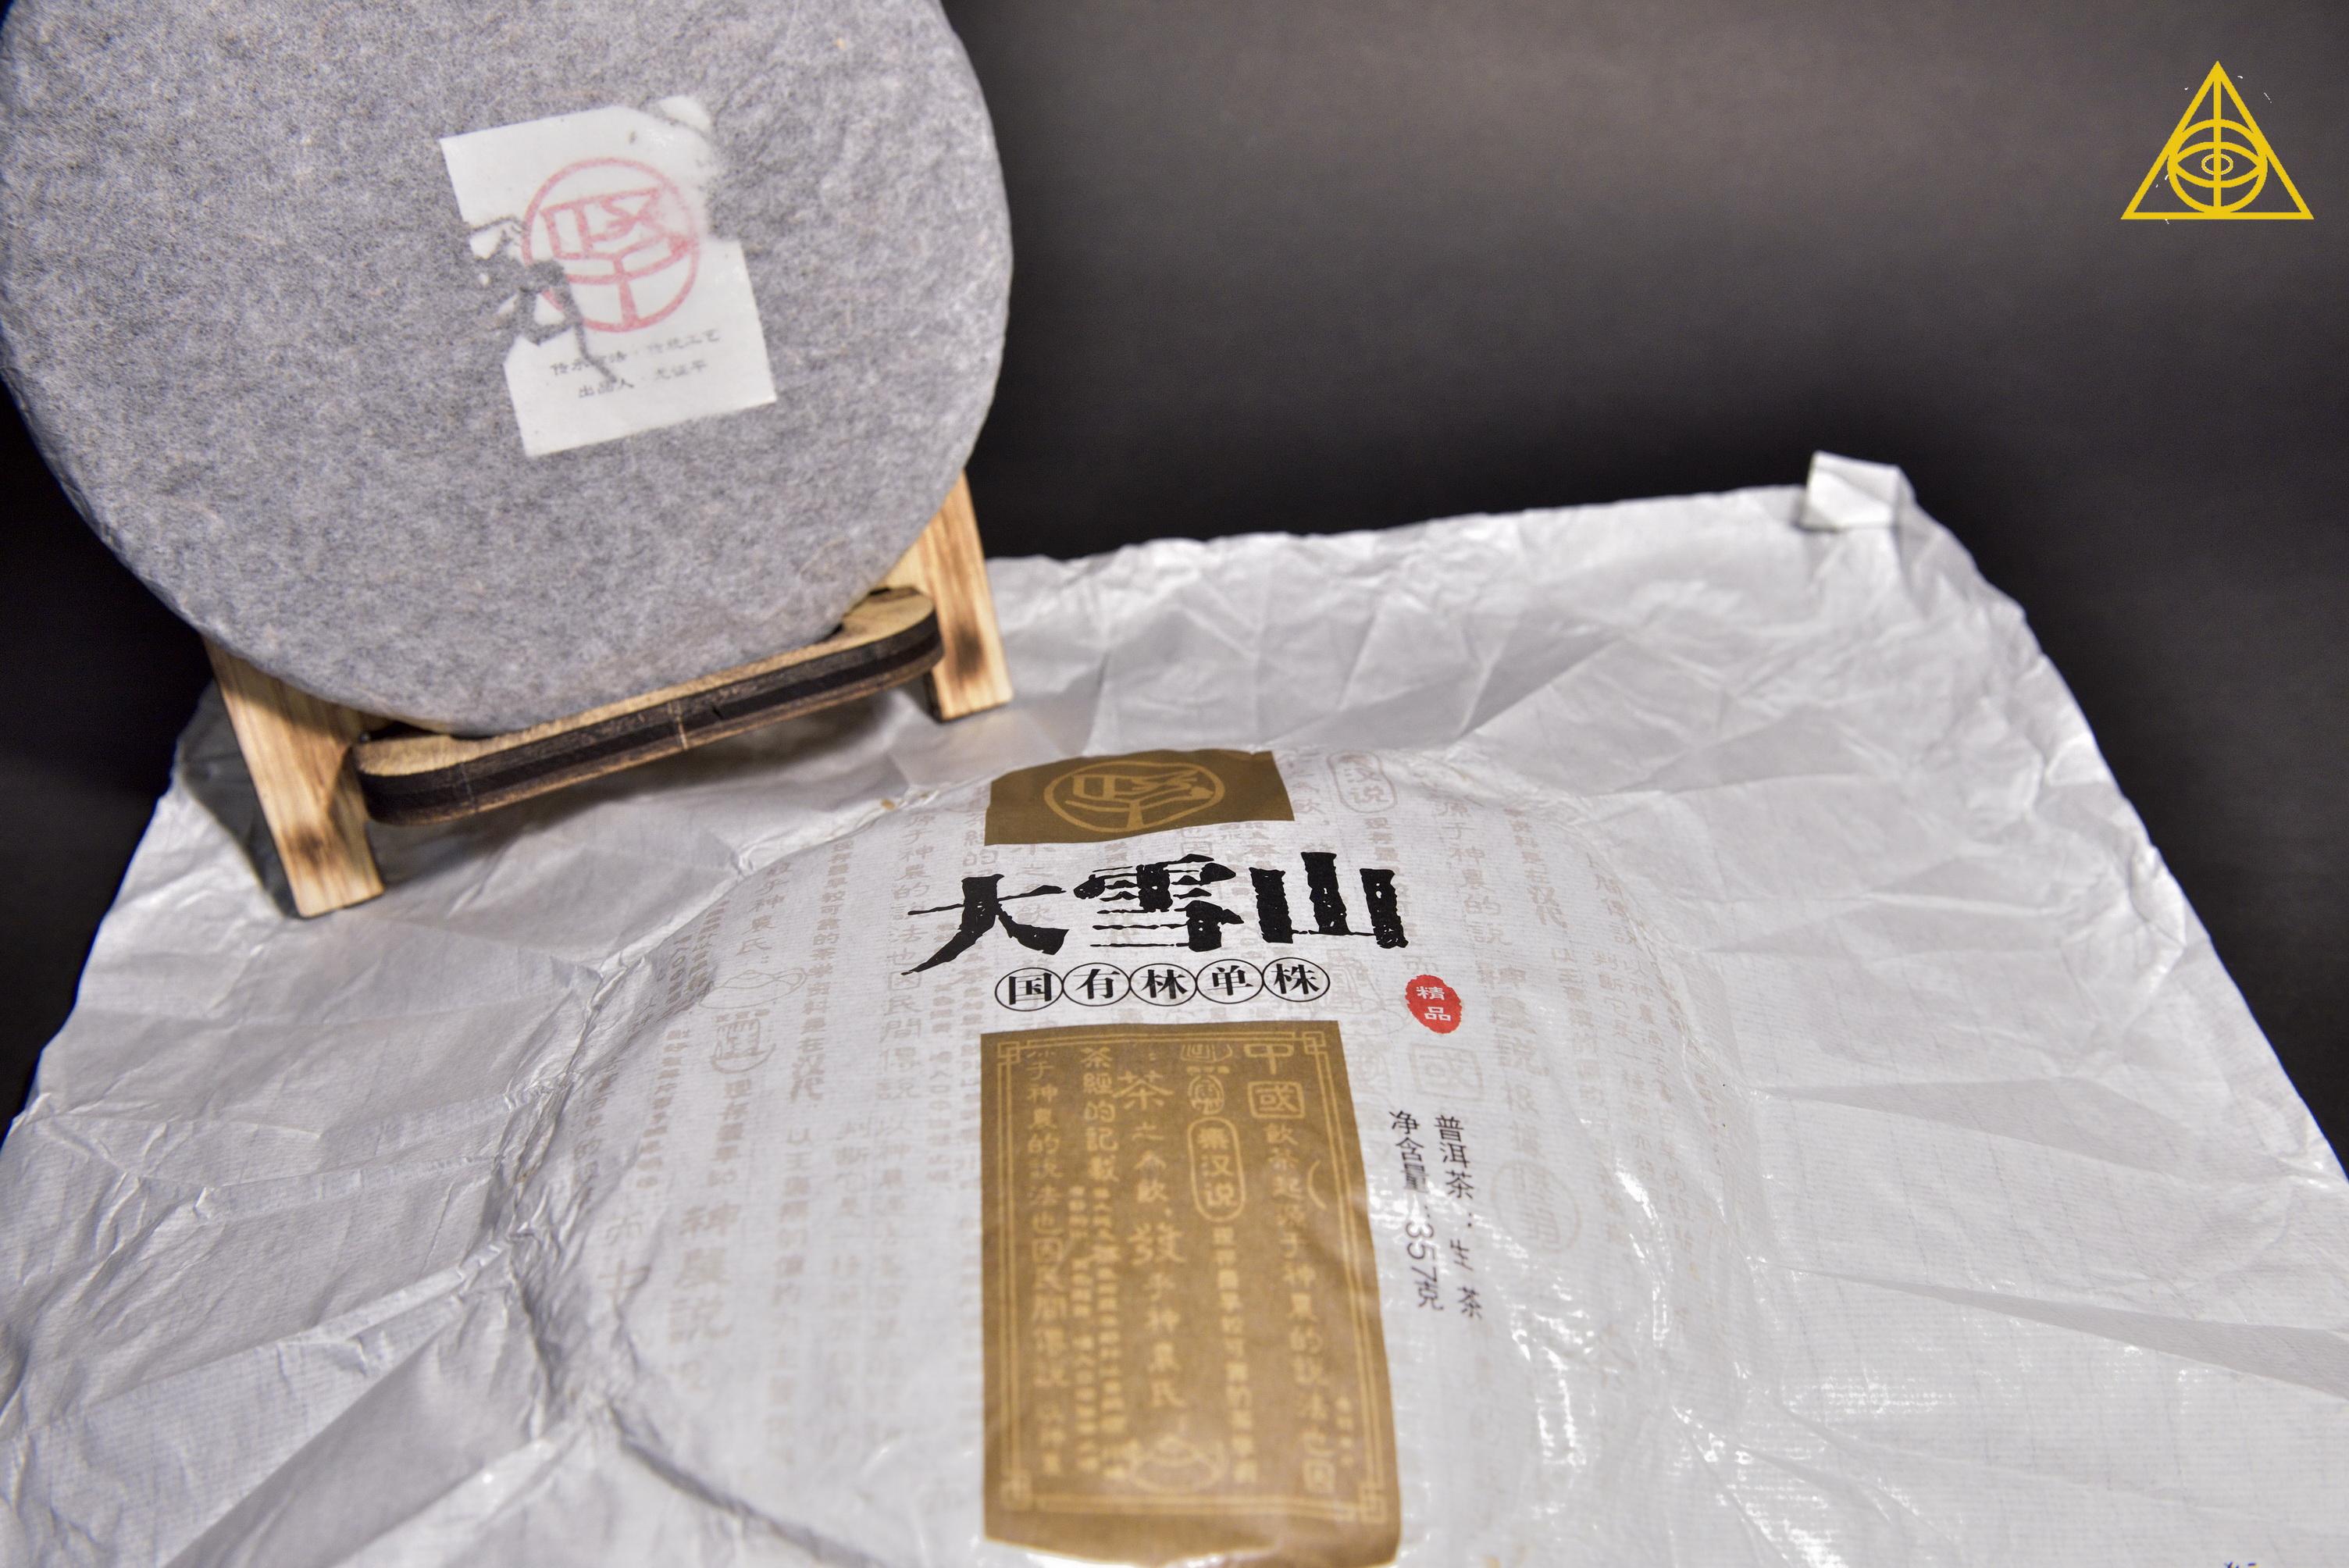 上汩神話 -2020大雪山單株 357g-生普 普洱茶 茶葉 送禮 茶餅